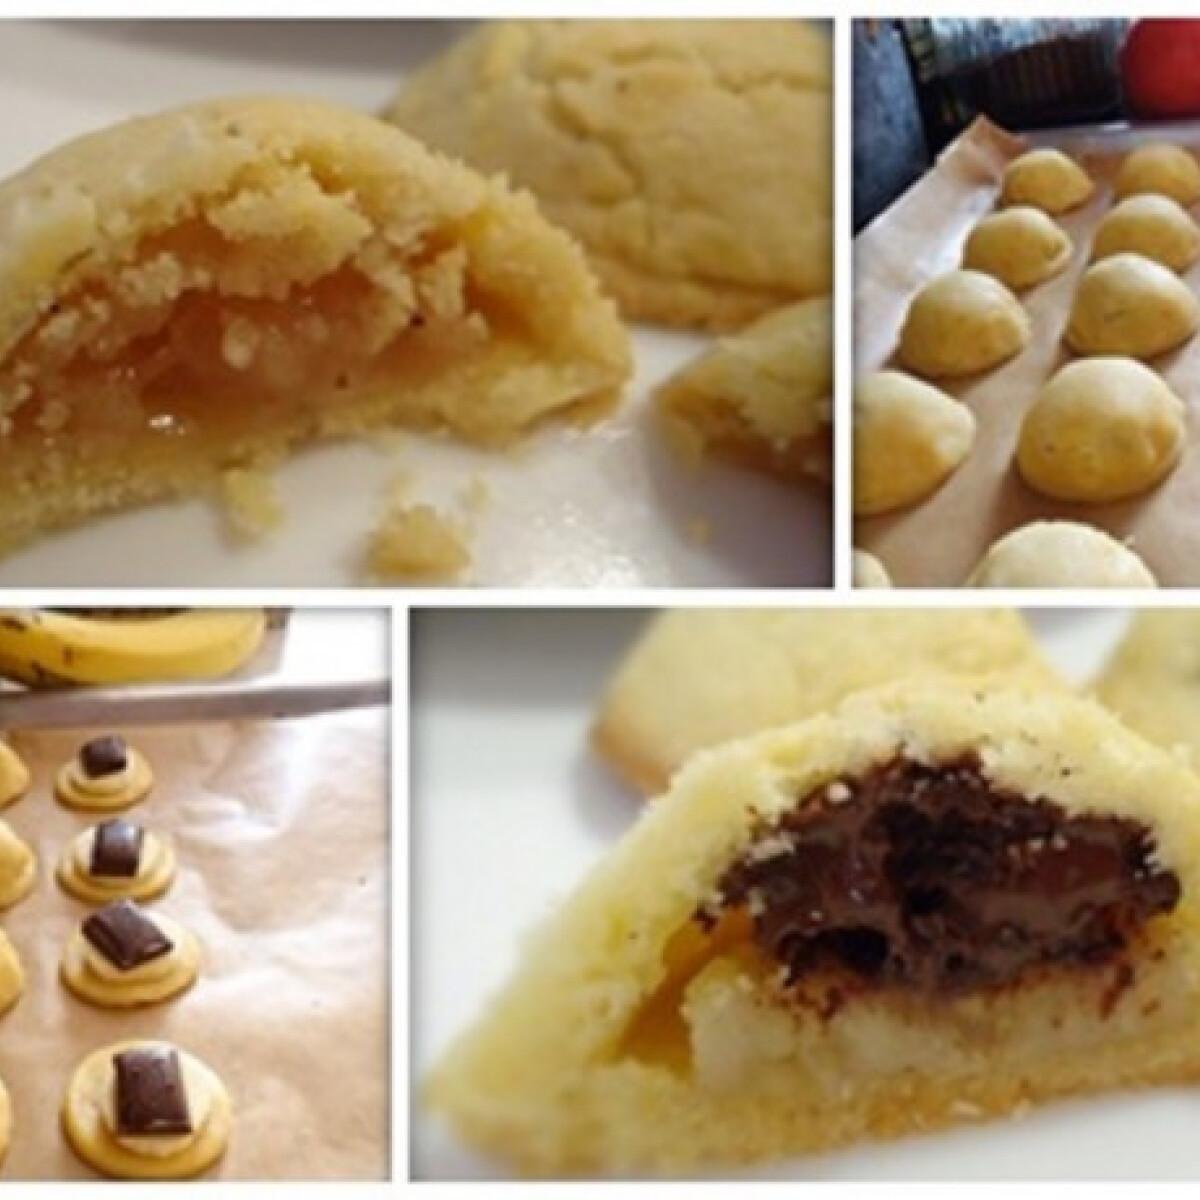 Alma szíve - töltött omlós keksz